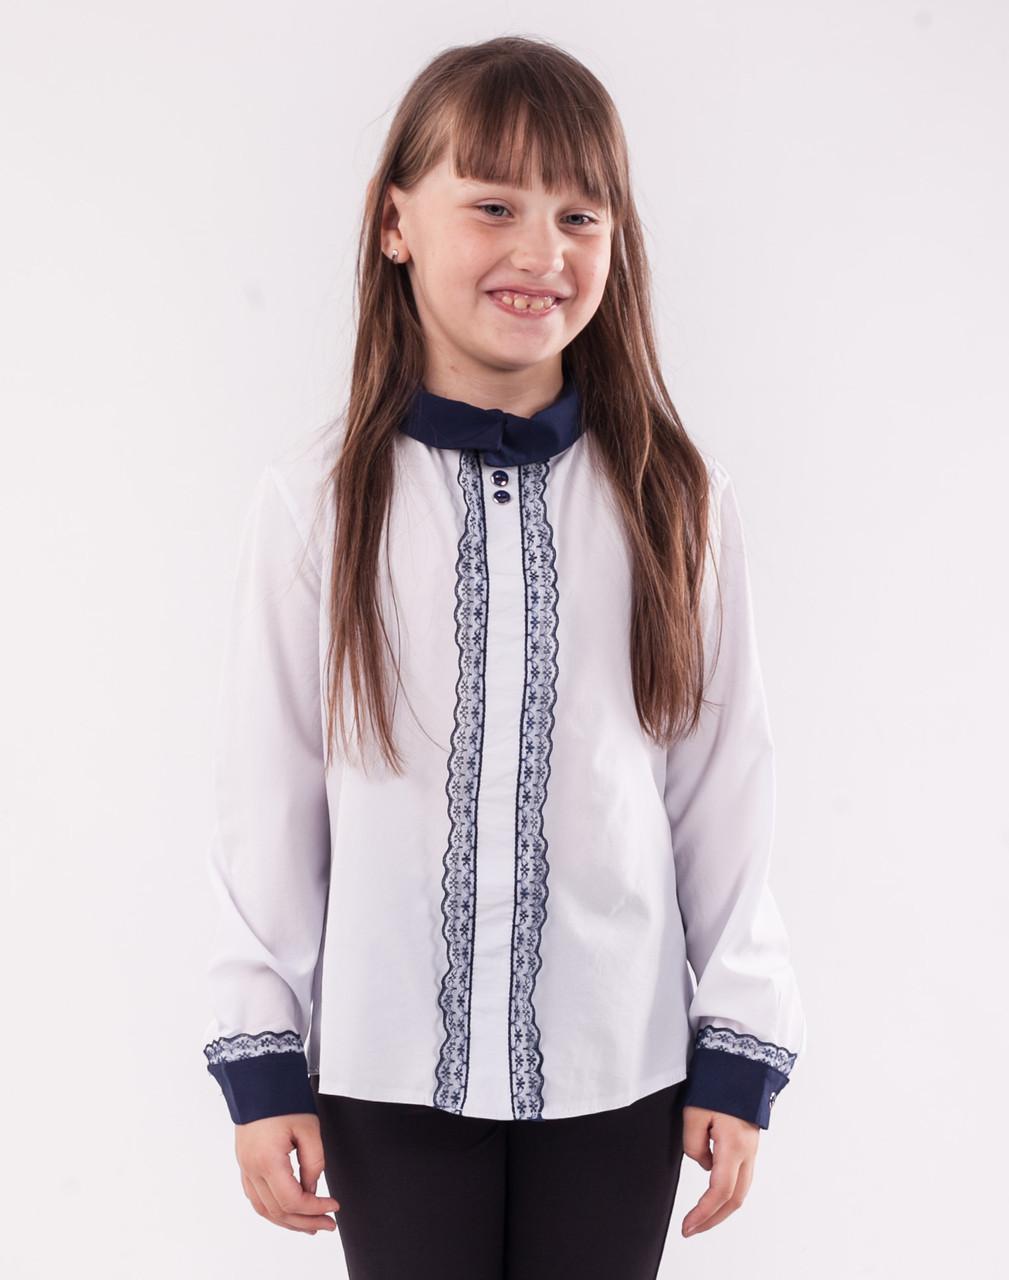 Детская блузка школьная белая для девочки с кружевной планкой